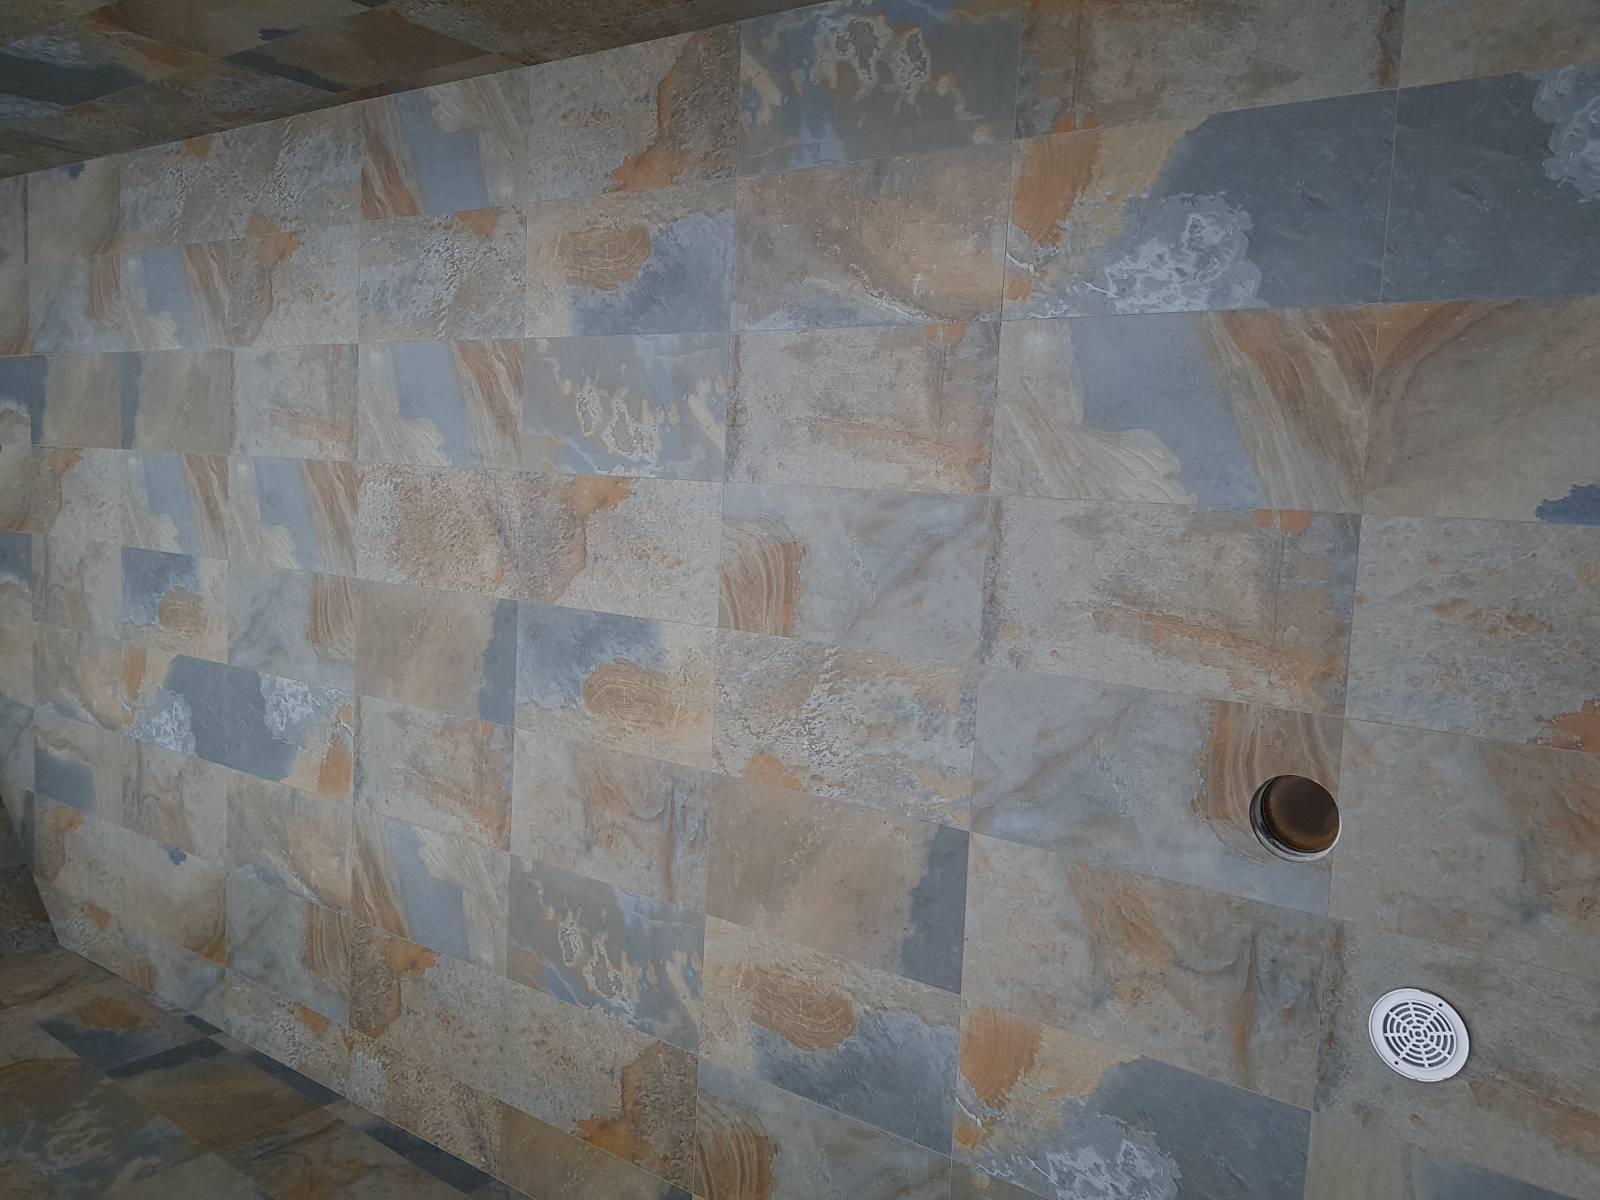 Vente De Carrelage Pour L Interieur D Une Piscine 45 X 90 Imitation Pierre Naturelle A Six Fours Les Plage Magasin De Carrelage Proche Toulon Tendance Carrelage